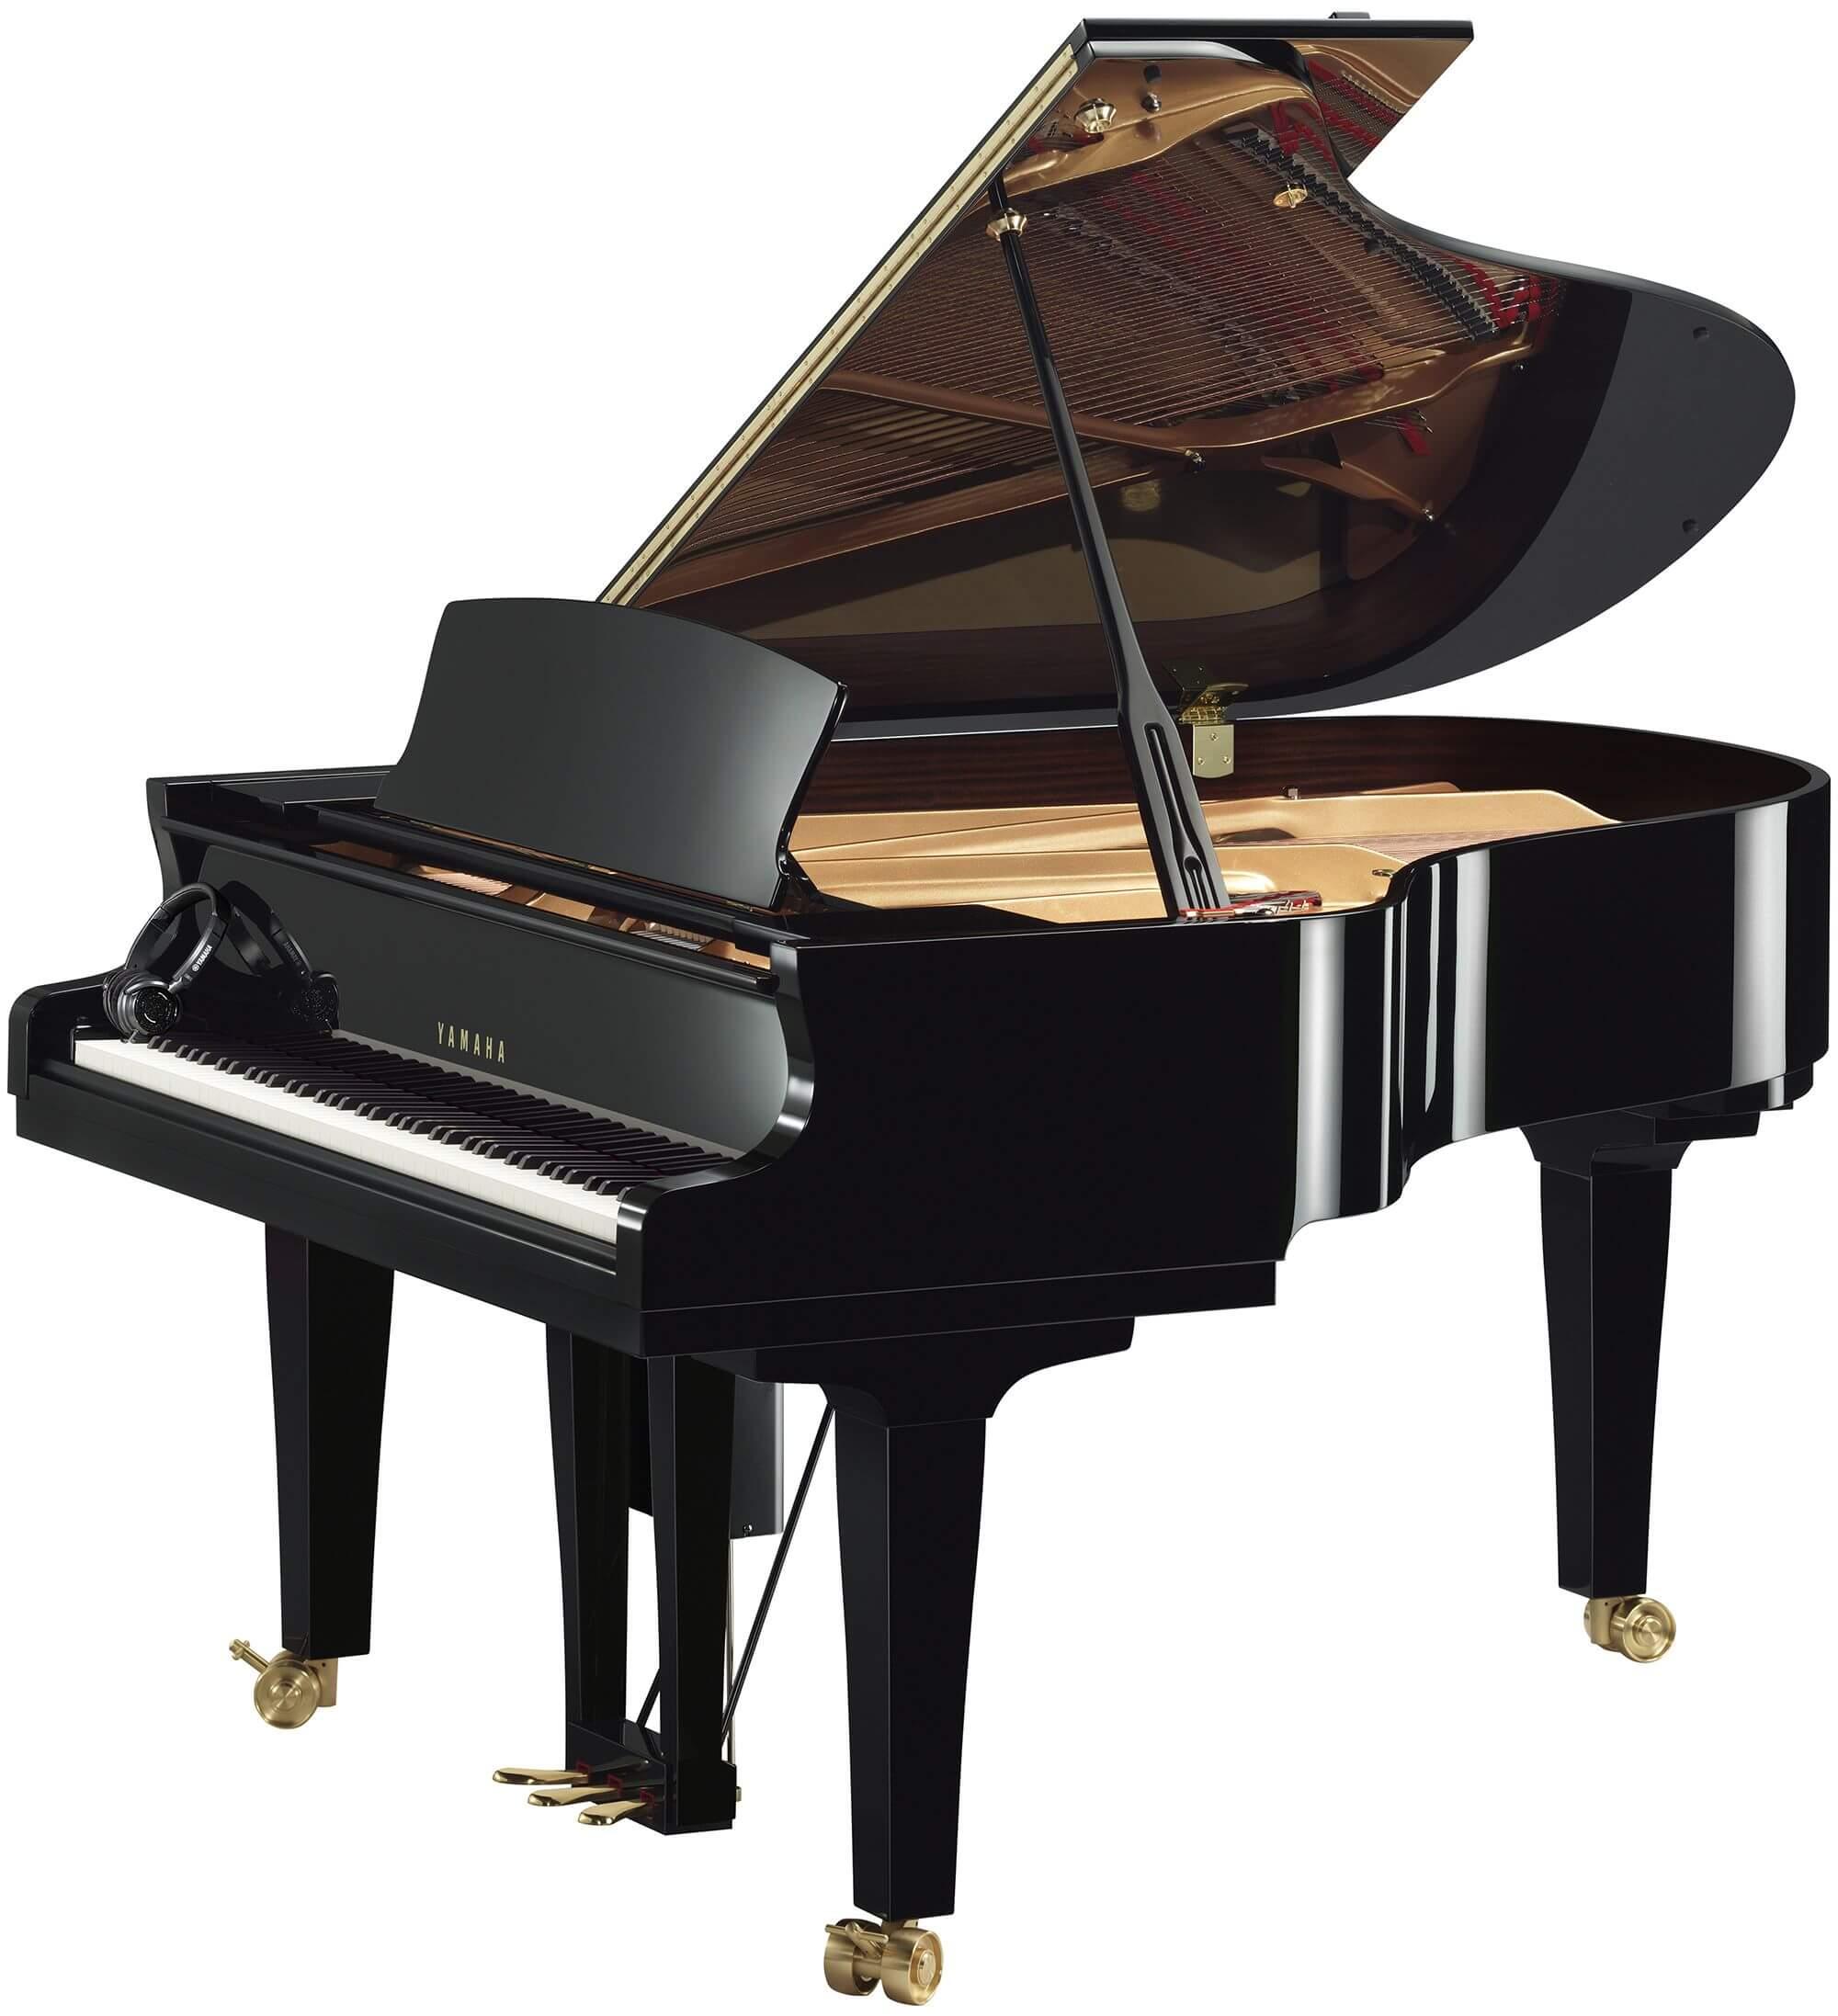 Piano de Cola Disklavier Yamaha S5X ENSPIRE PRO